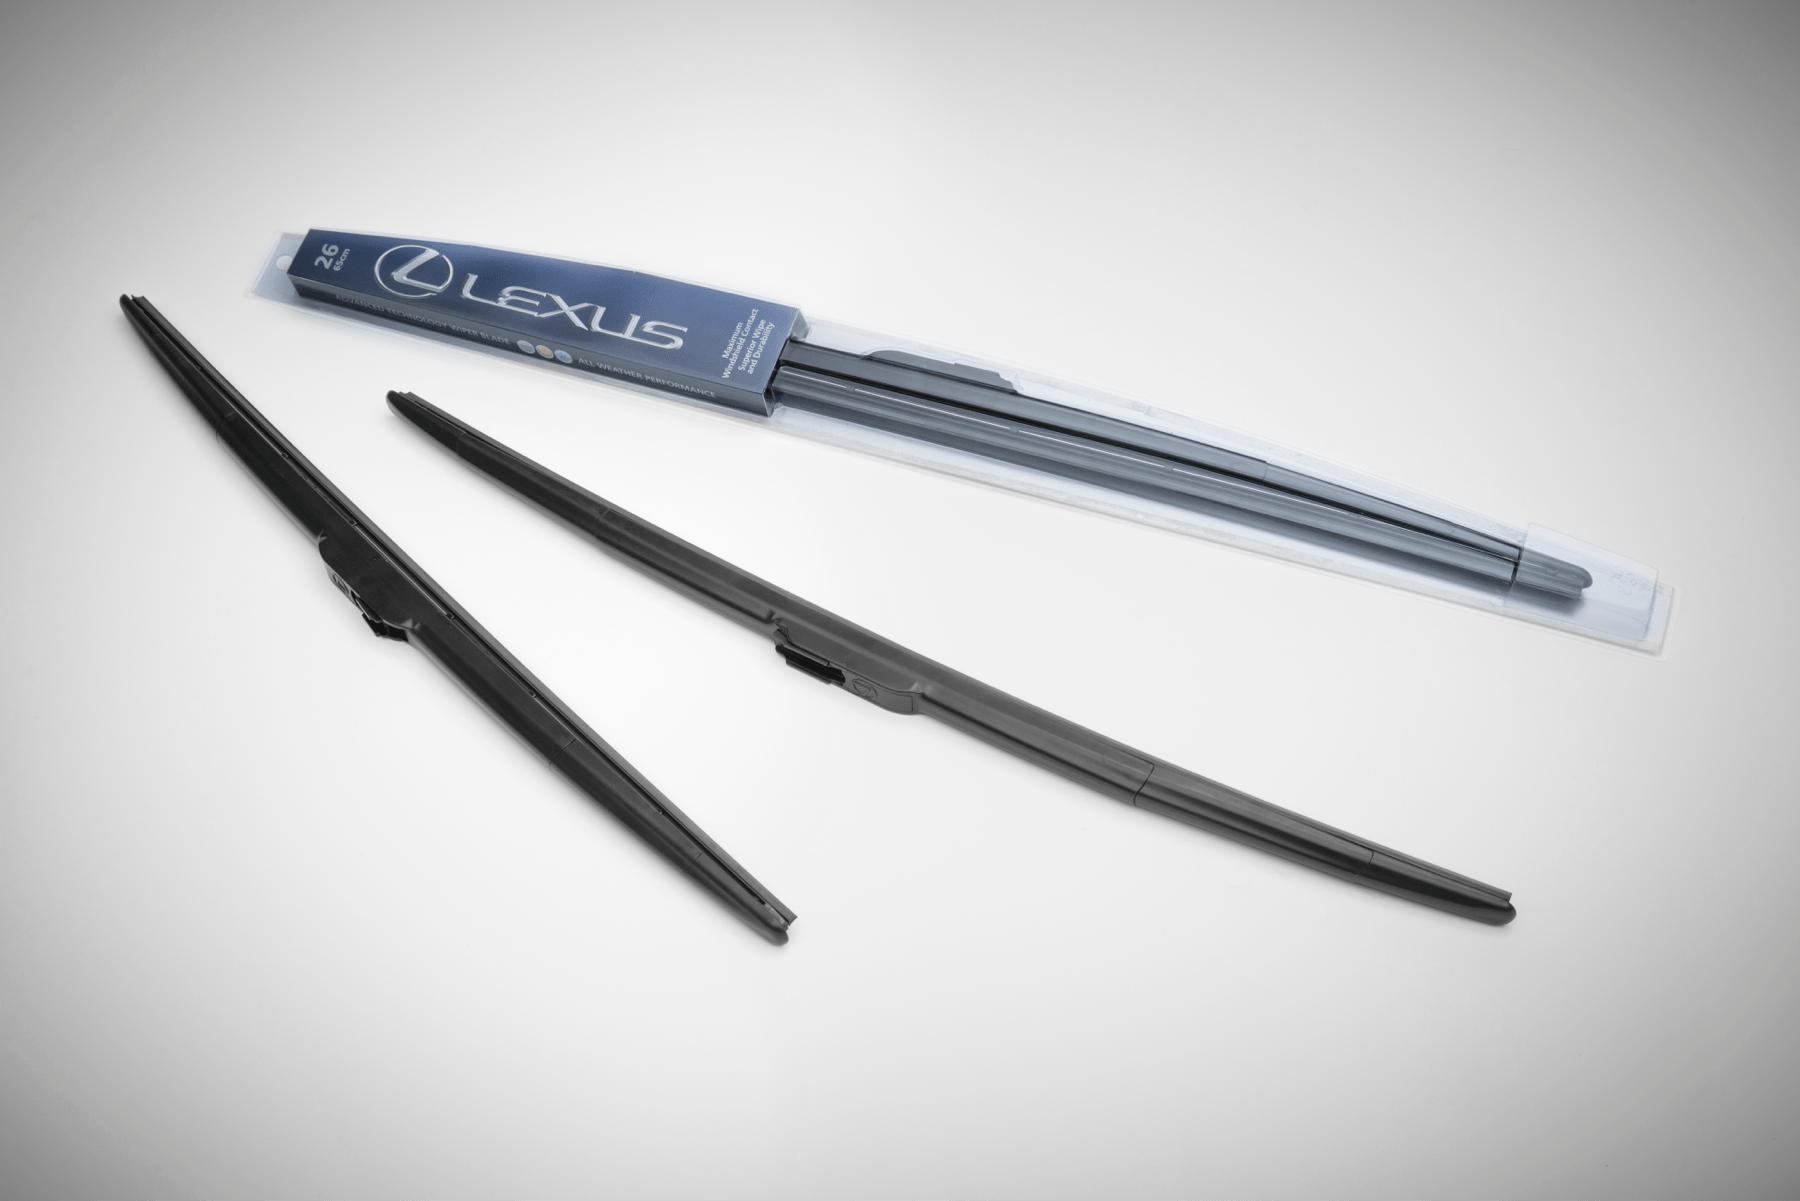 Lexus wiper blades